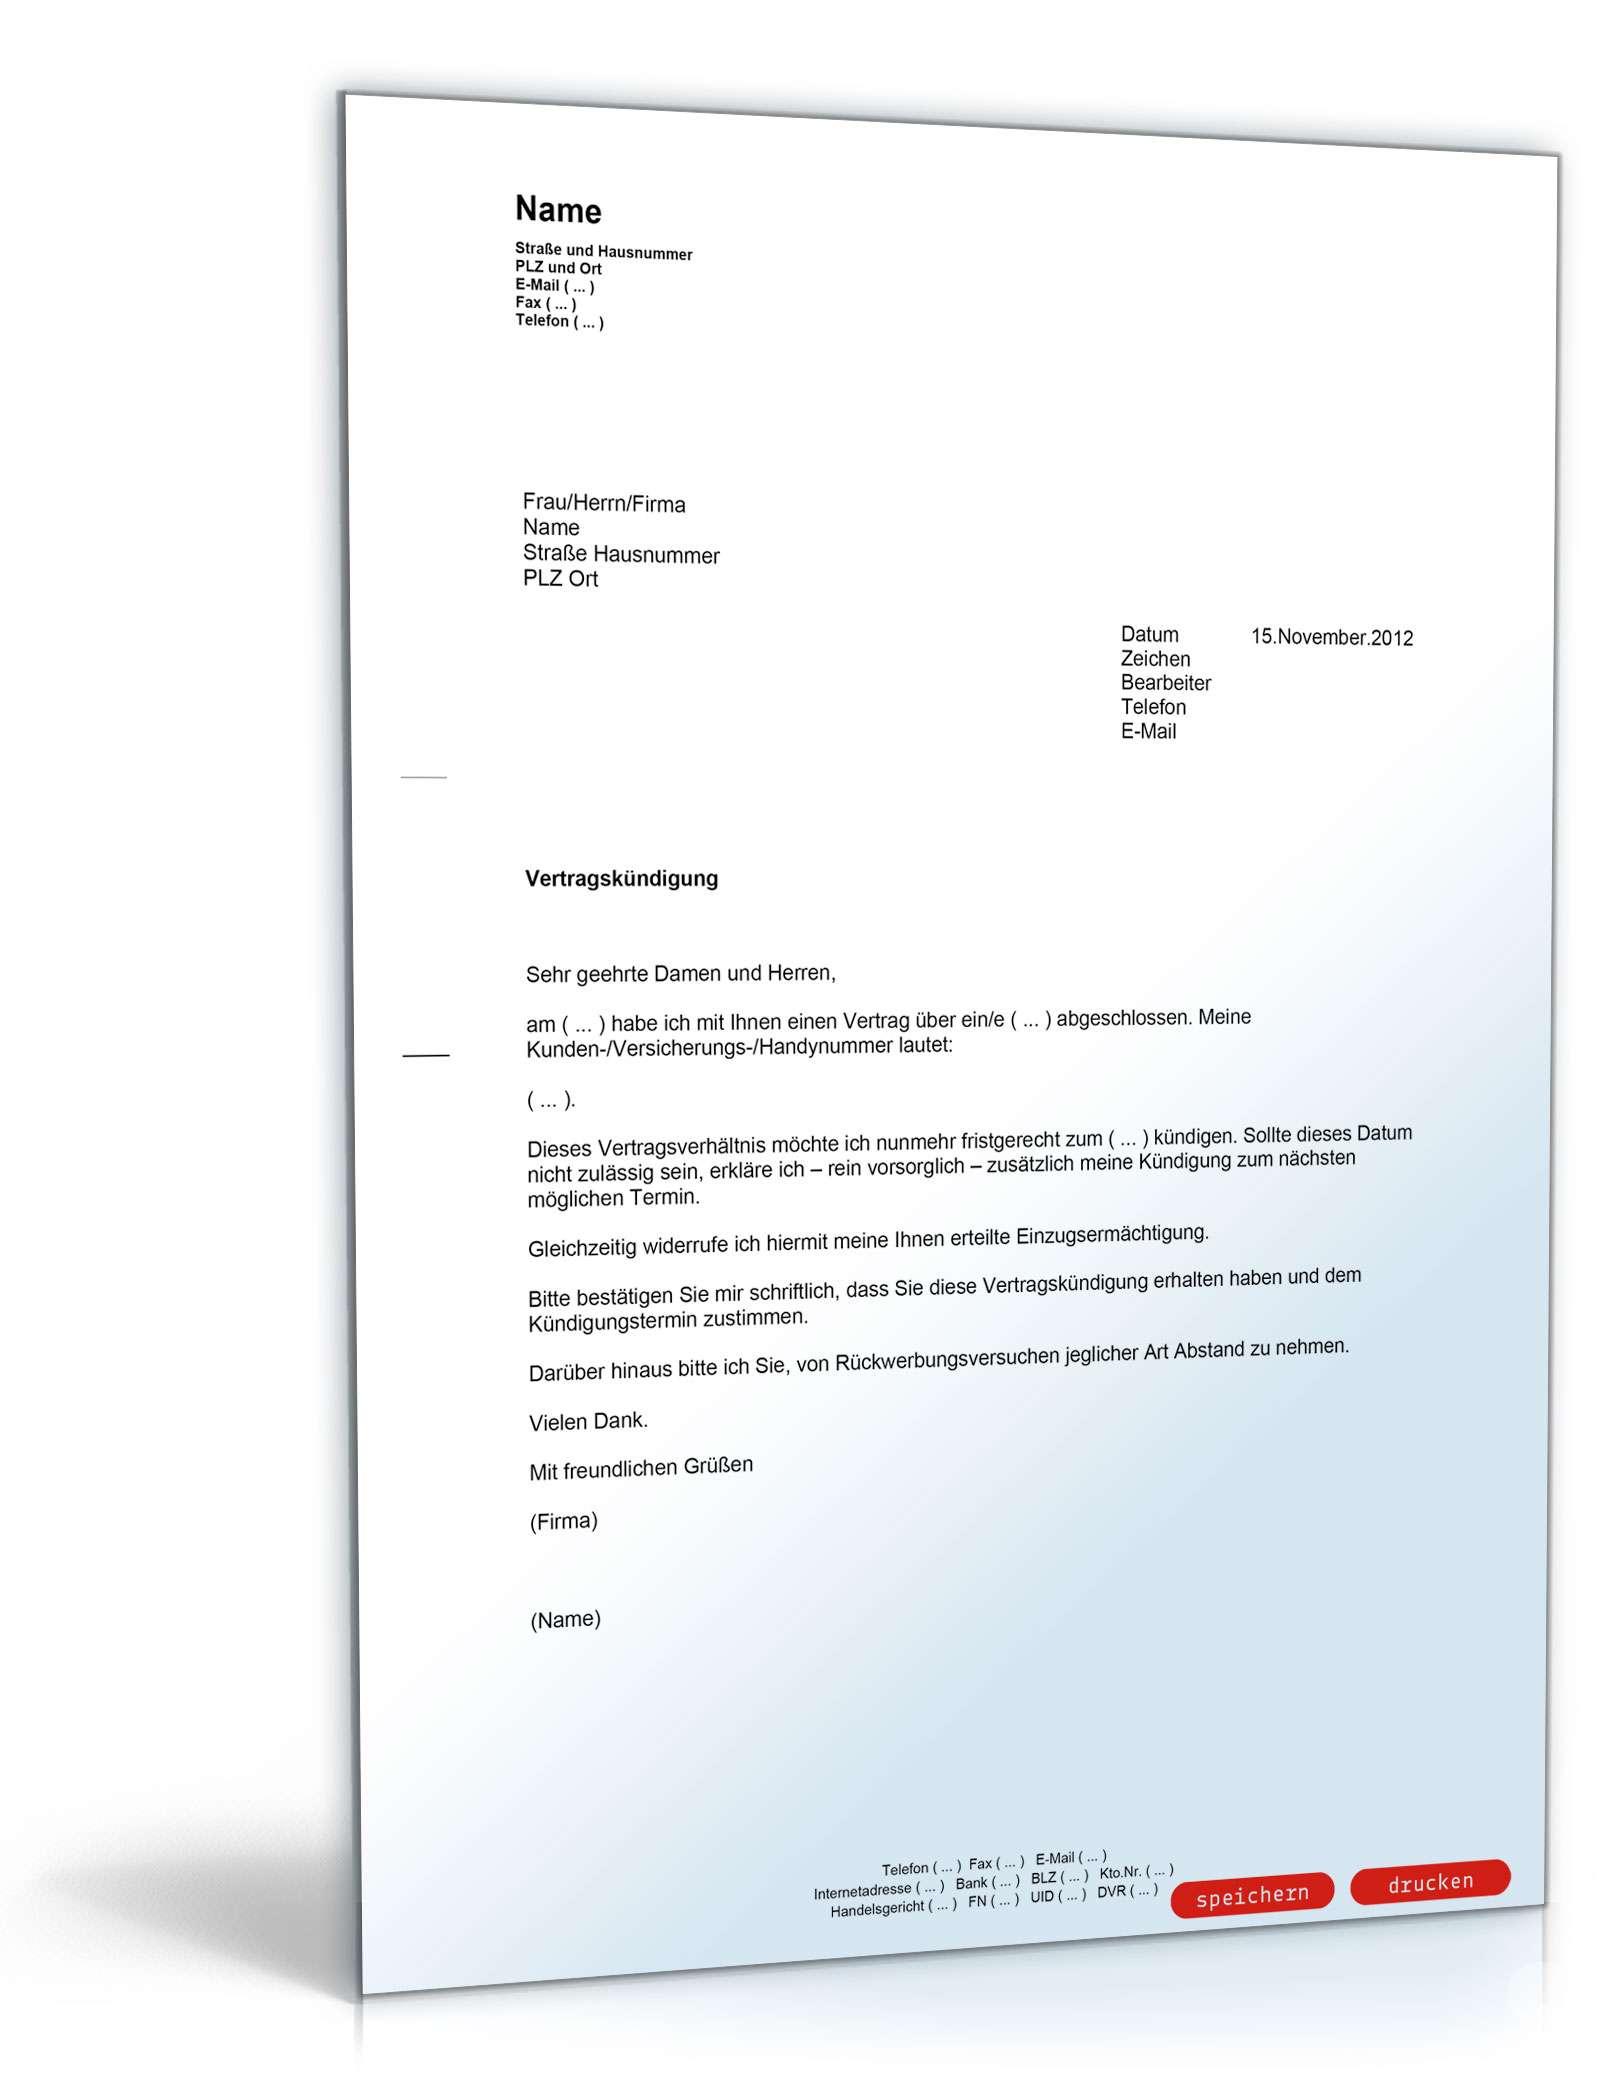 Ordentliche Kündigung Vertrag Muster Vorlage Zum Download